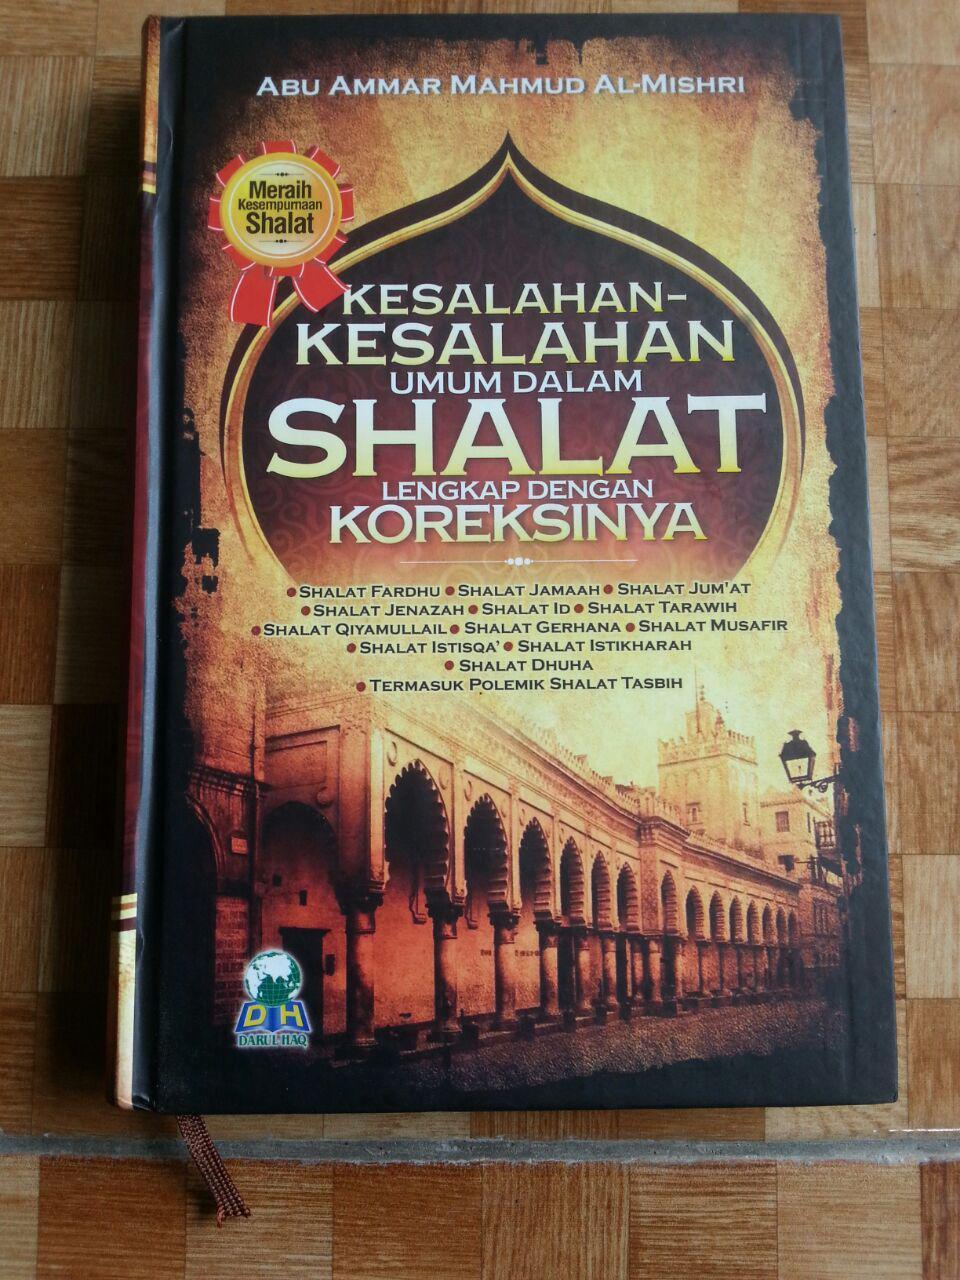 Buku Kesalahan-Kesalahan Umum Dalam Shalat Dan Koreksinya cover 2